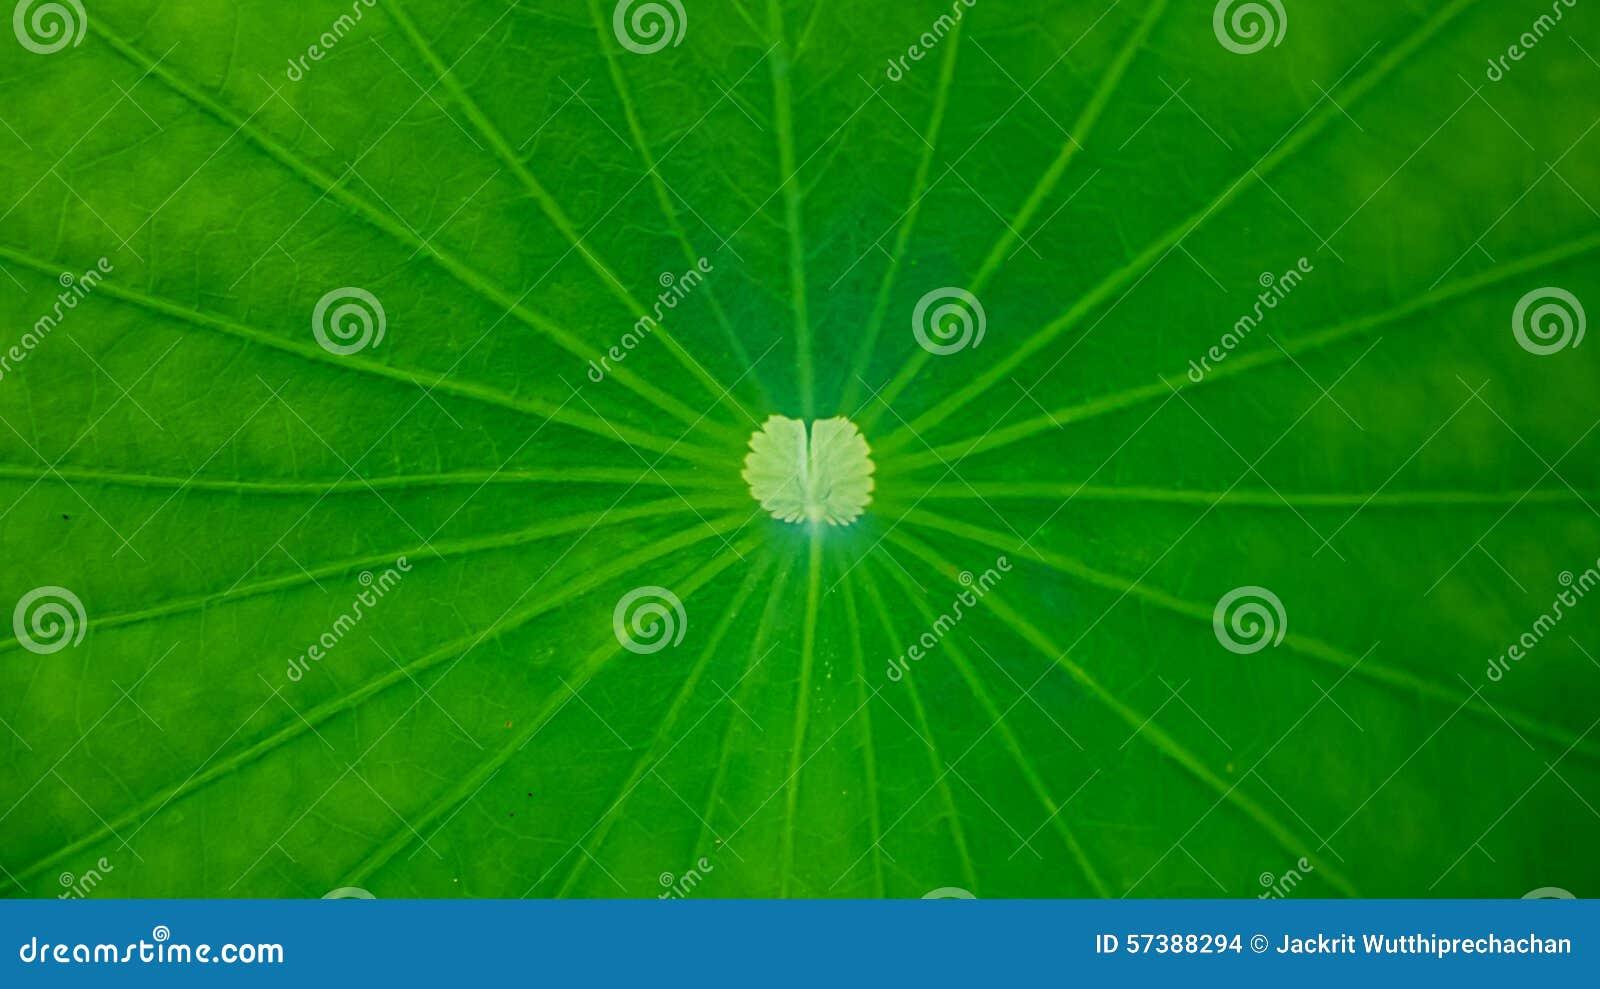 Groene Lotus Leaf Background